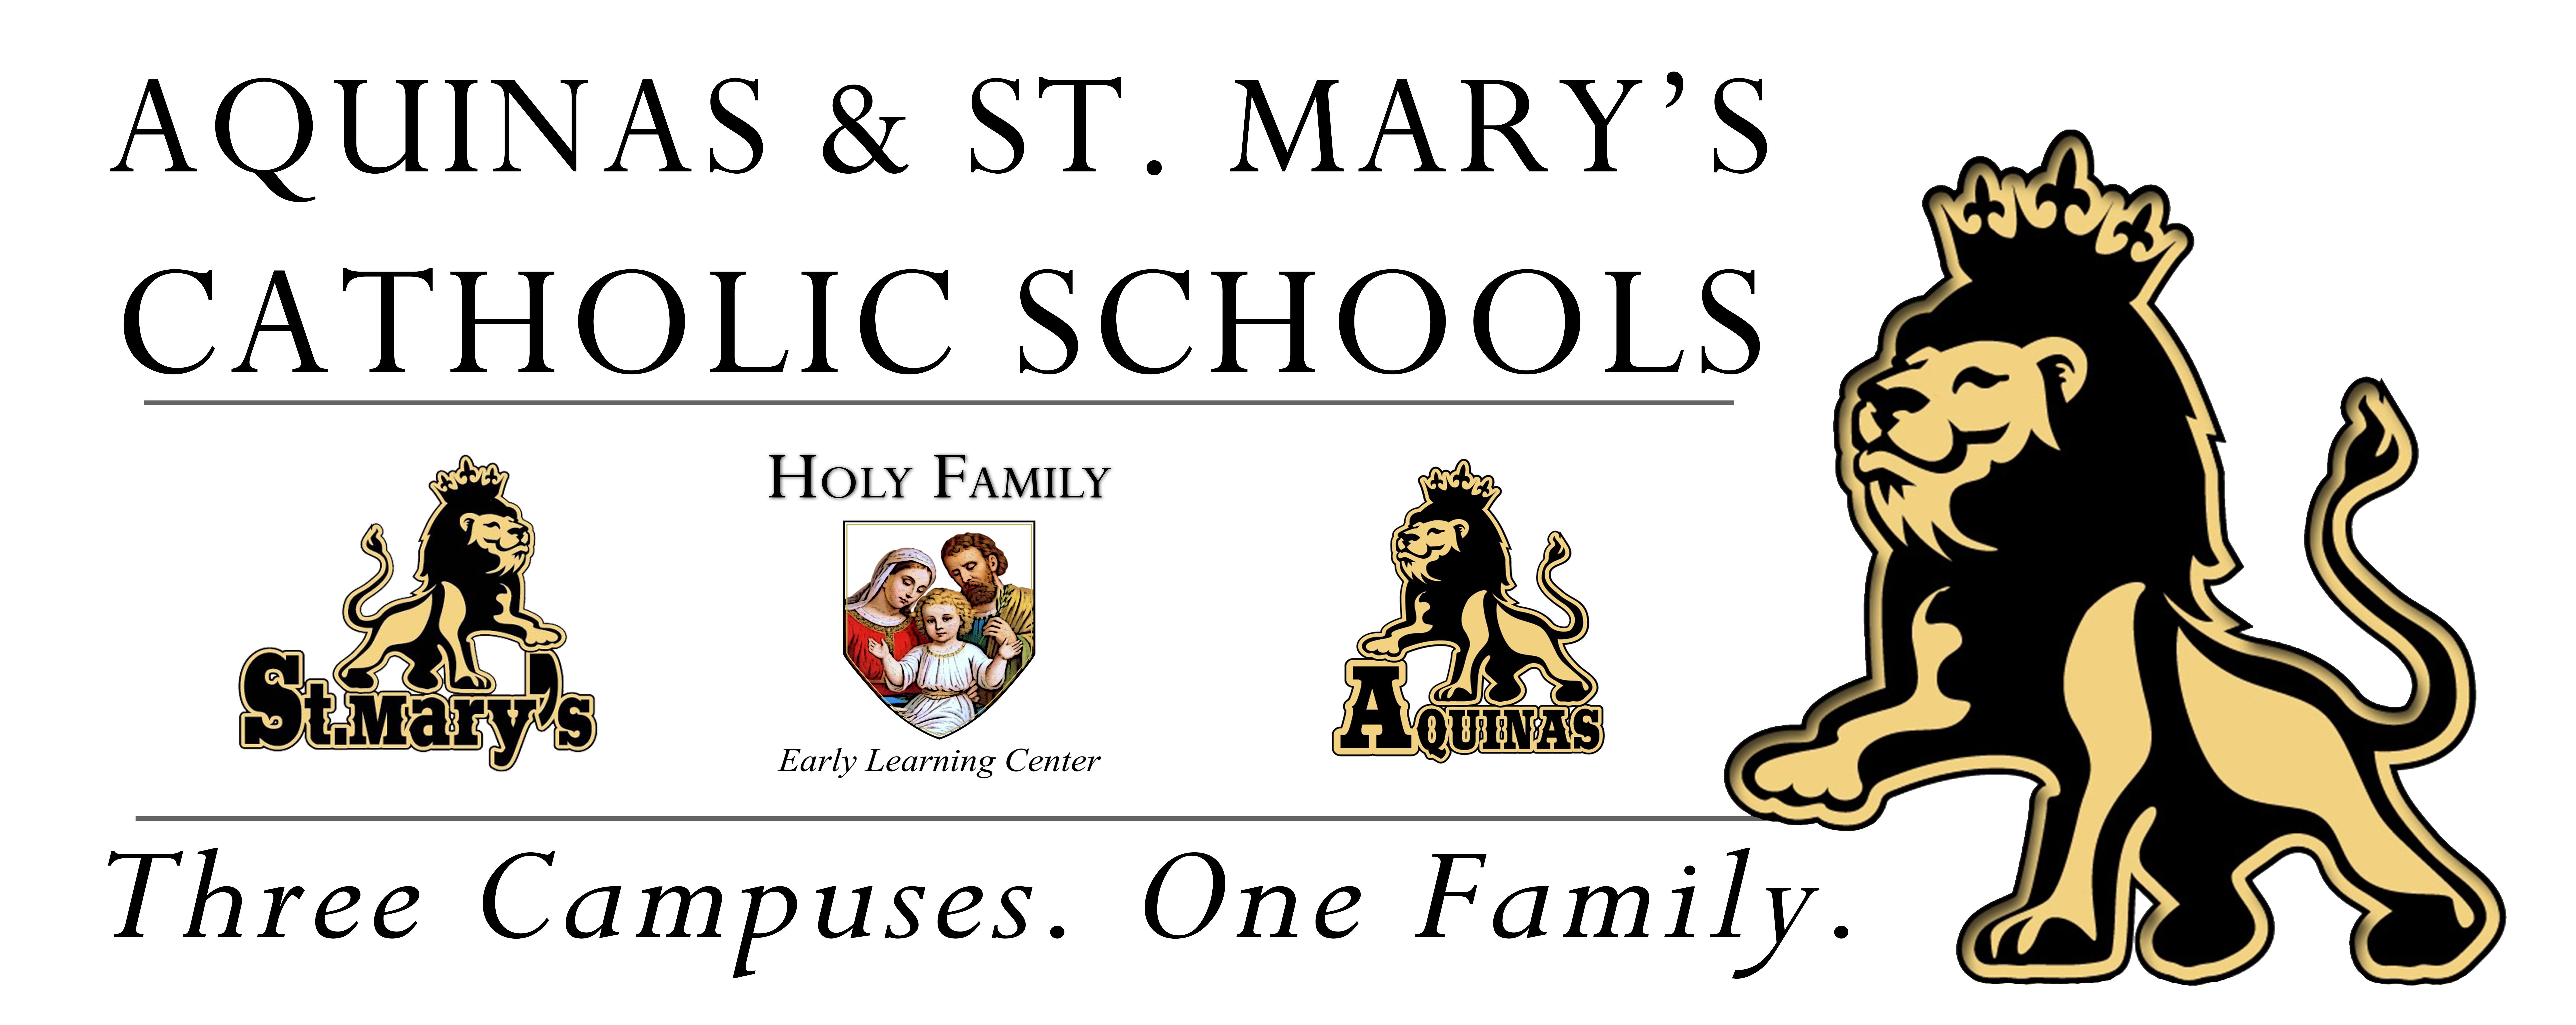 Aquinas/St. Mary's Catholic Schools